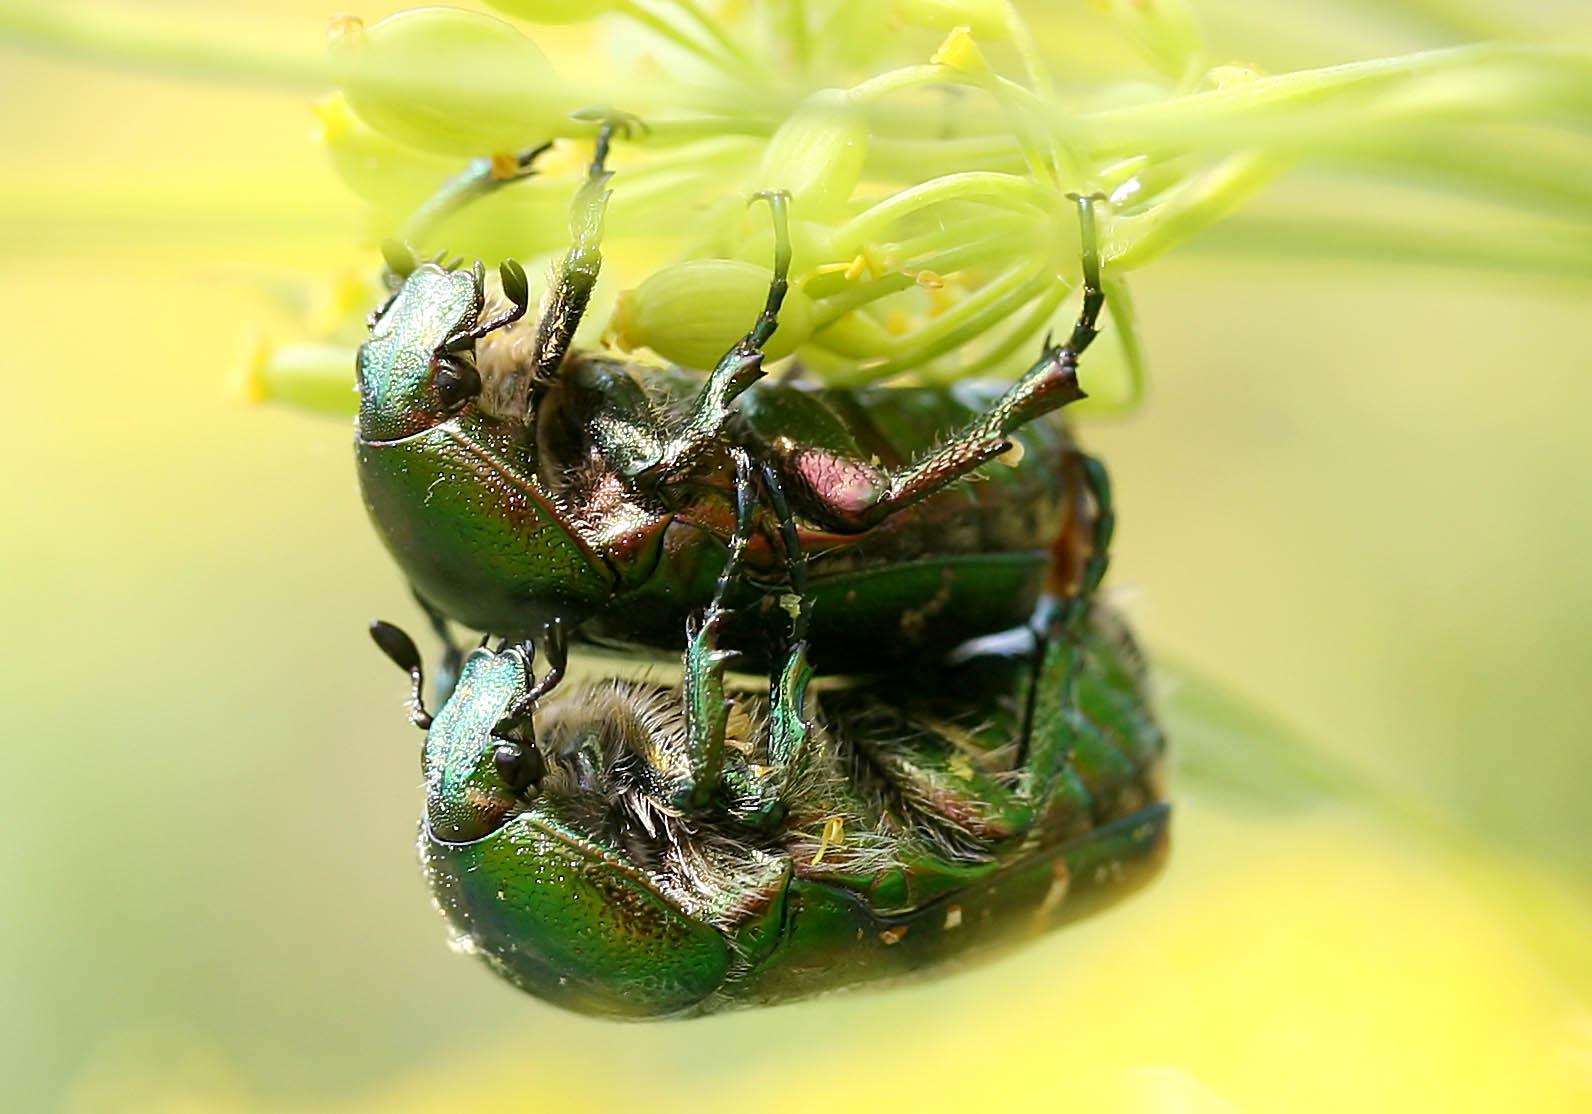 Cetonia aurata - Goldrosenkäfer - Fam. Cetoniidae  -   Kroatien - Scarabaeidea - Blatthornkäfer - scarab beetles